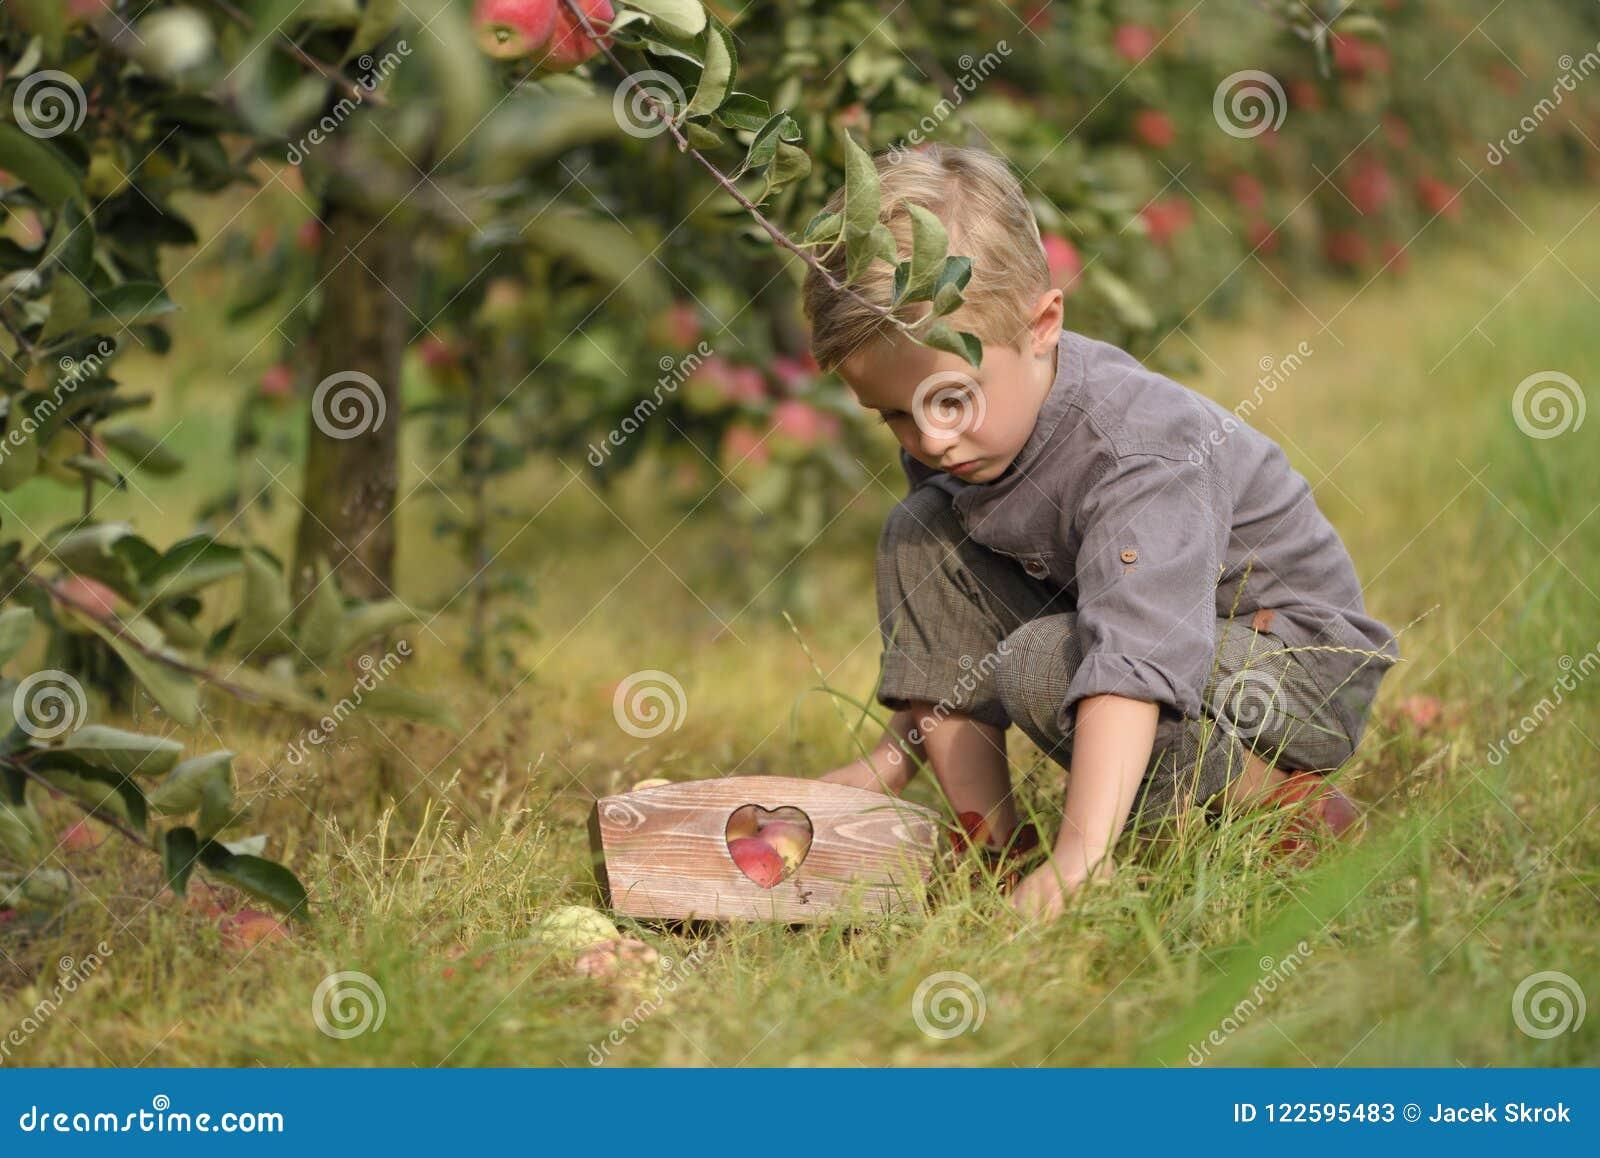 Ett gulligt och att le pojken väljer äpplen i en äpplefruktträdgård och innehav ett äpple